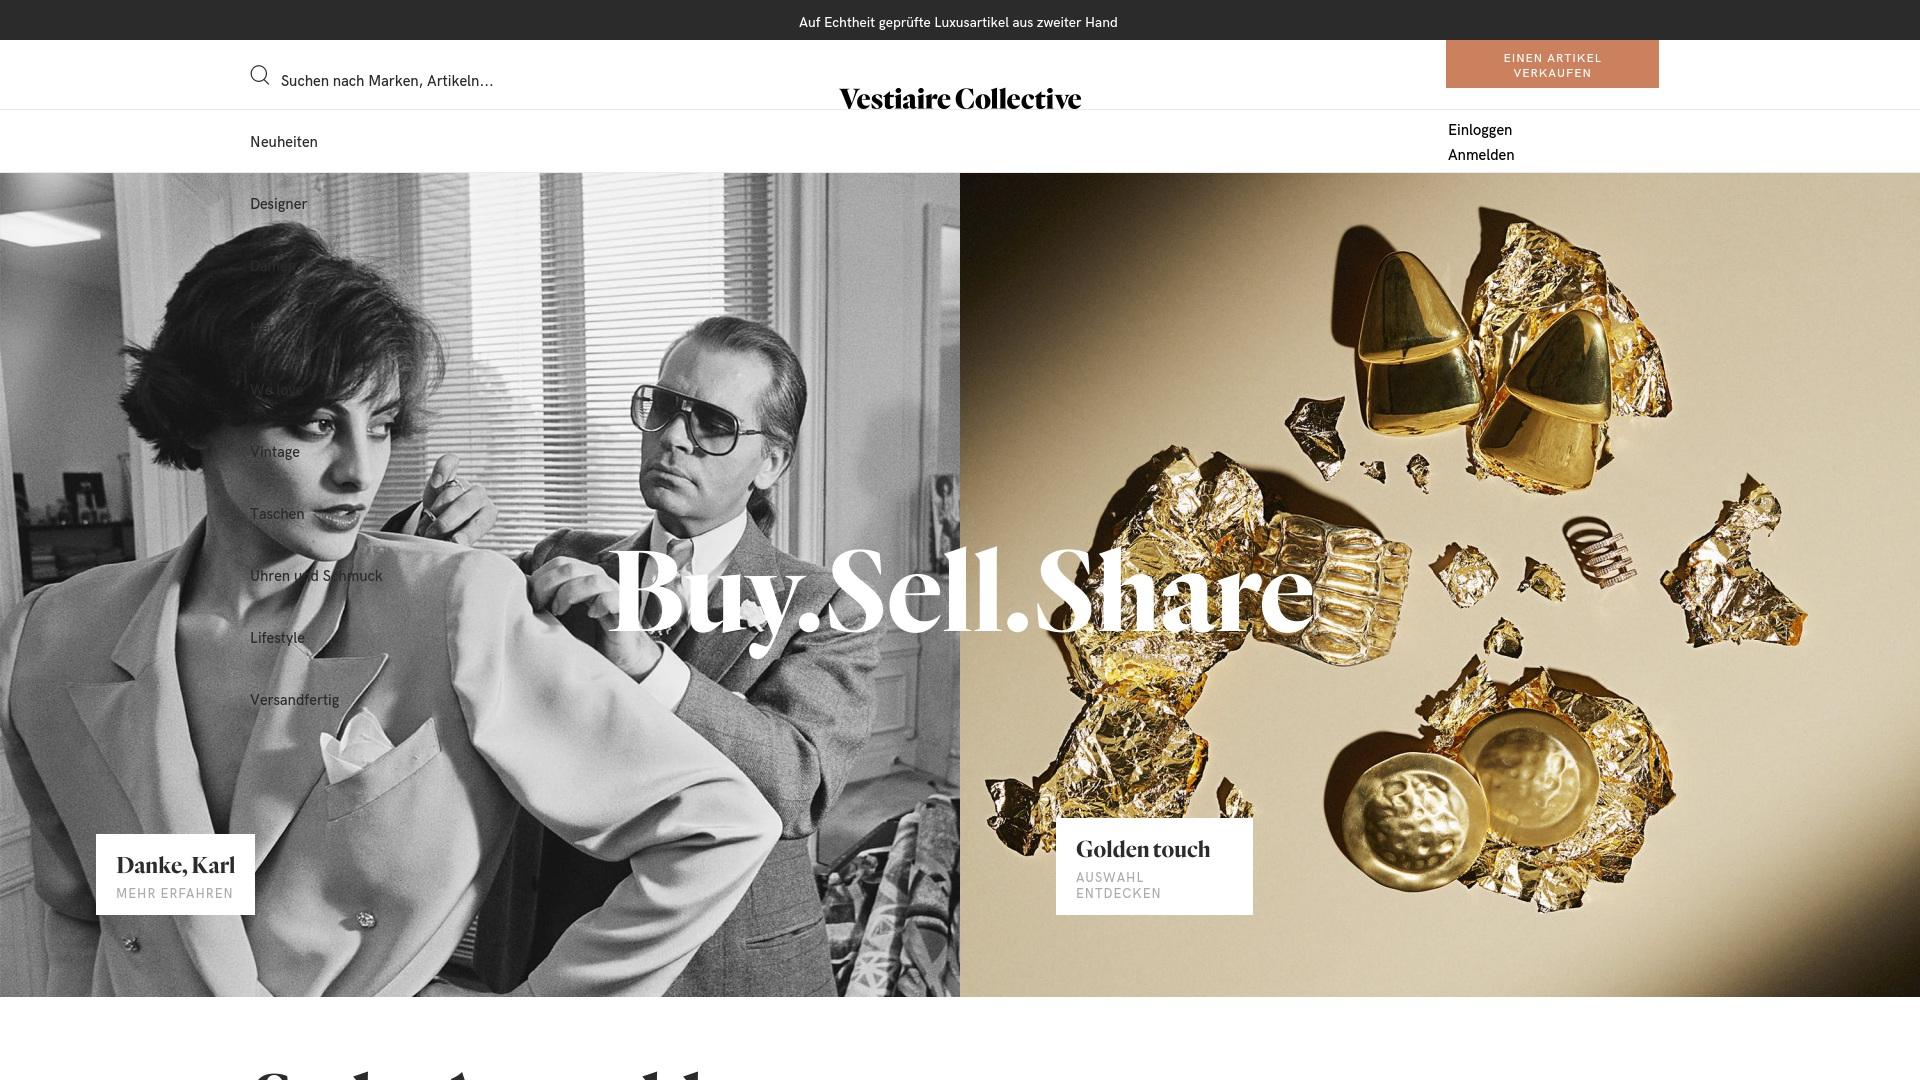 Gutschein für Vestiairecollective: Rabatte für  Vestiairecollective sichern